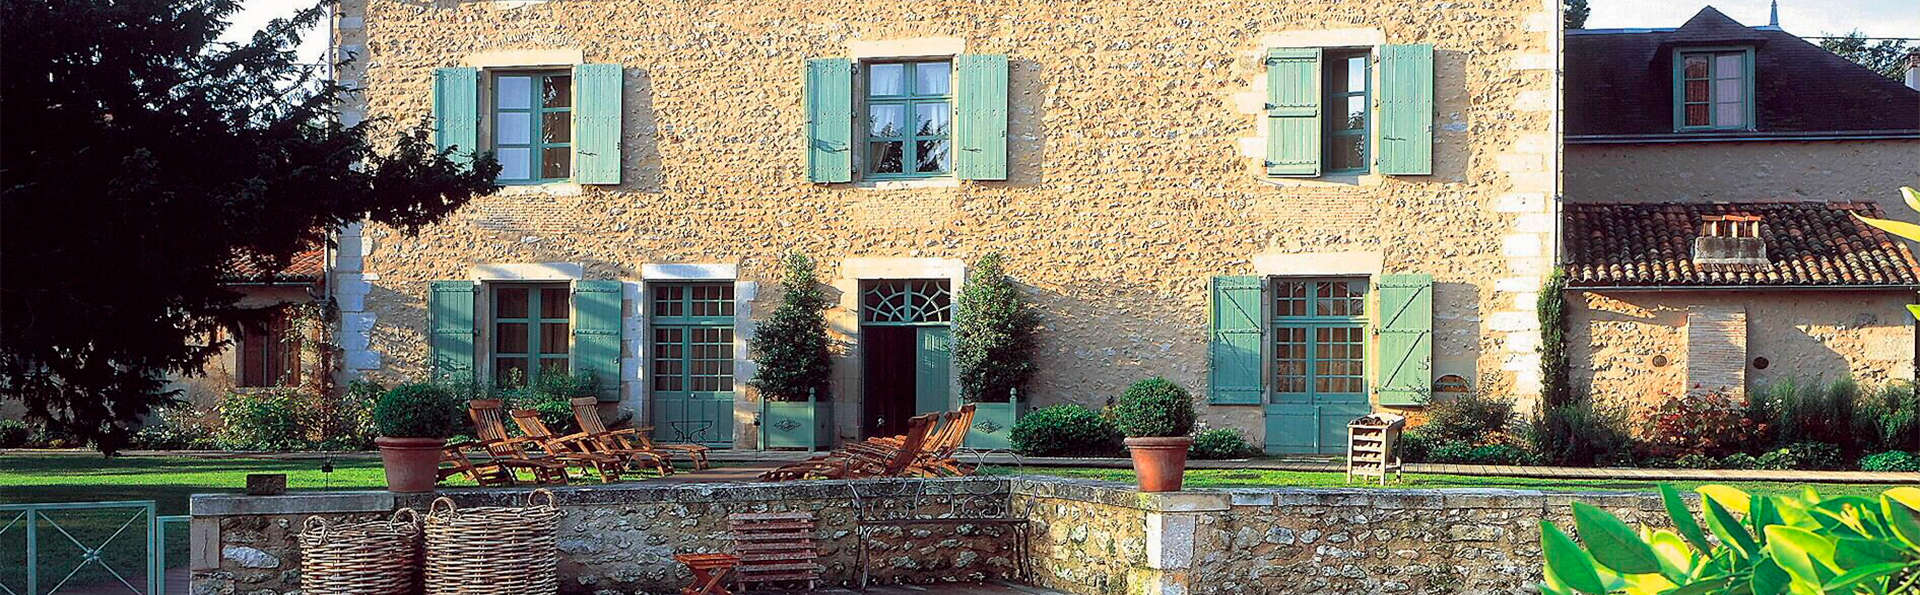 Dîner et détente dans un village de charme près de Poitiers (avec accès spa offerts)